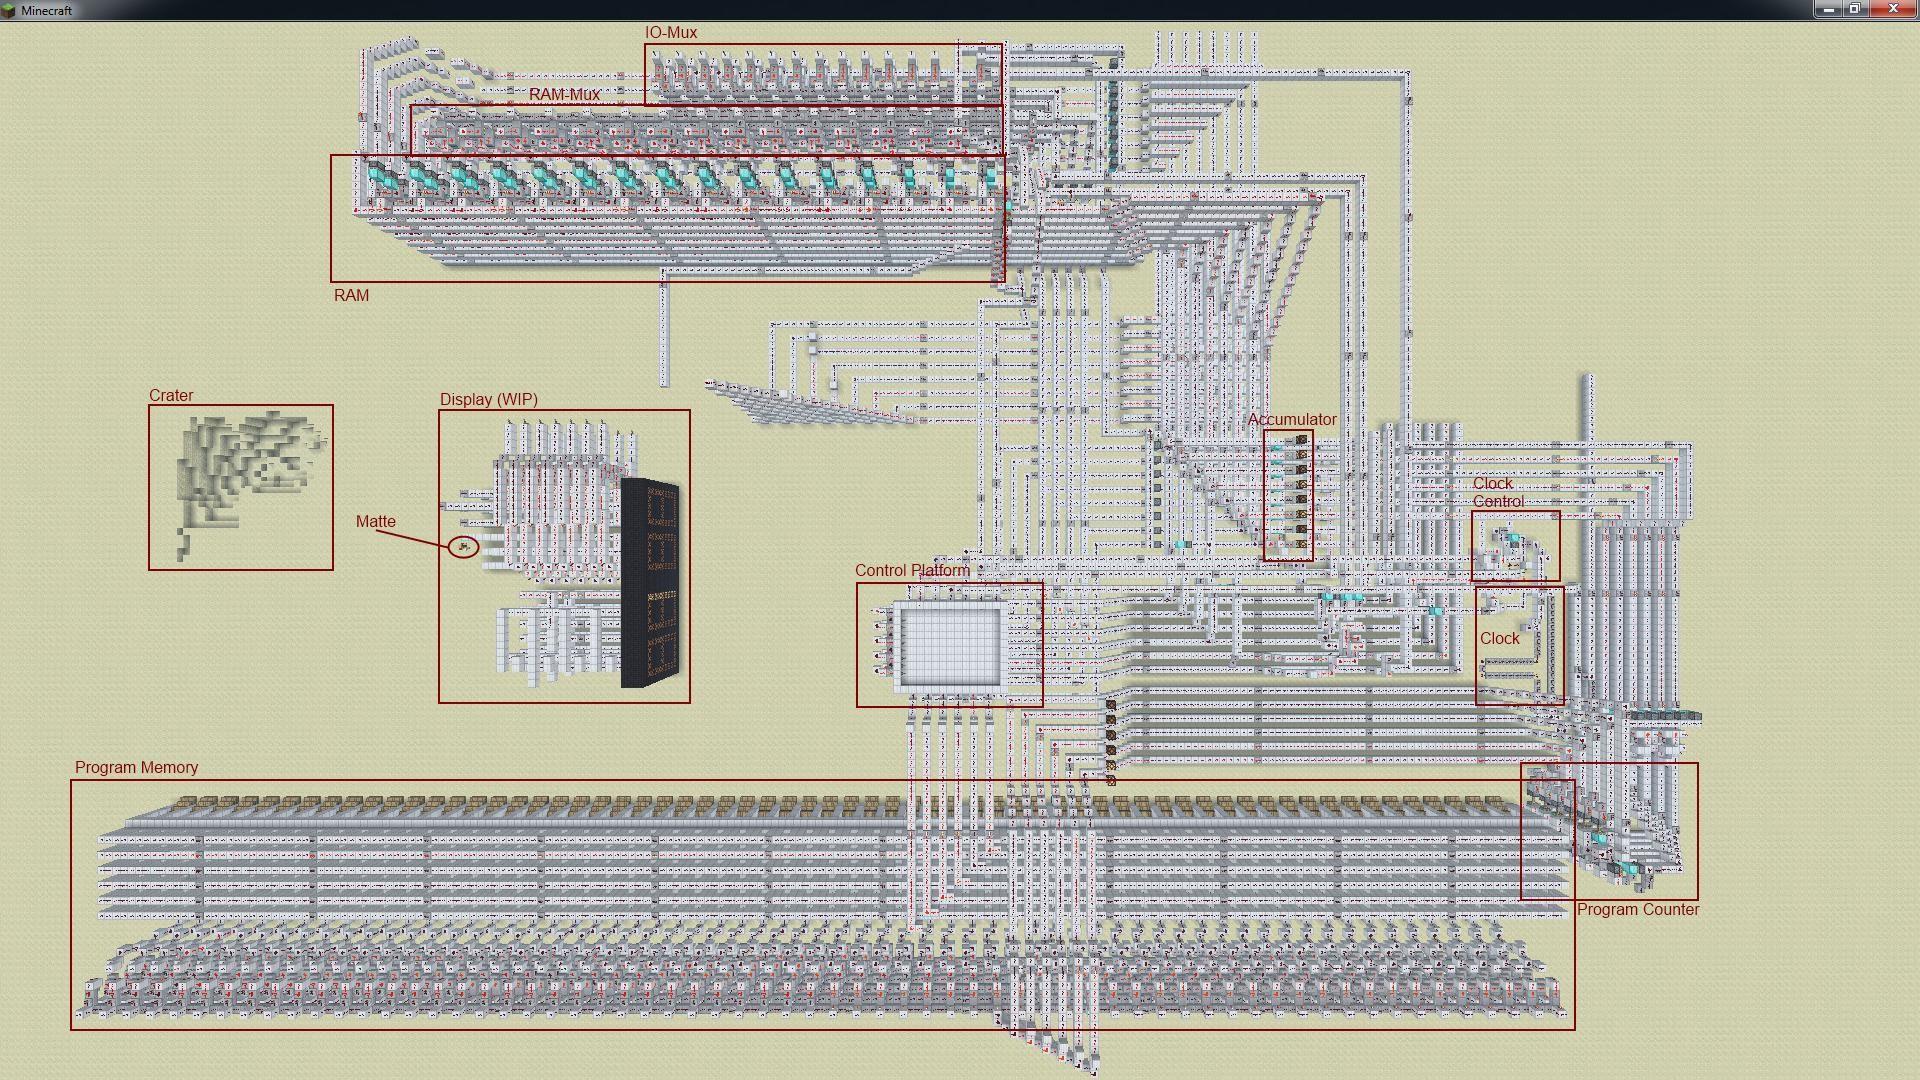 8 Bit Alu Circuit 8 Bit Redstone Cpu Wip Minecraft Of 8 Bit Alu Circuit